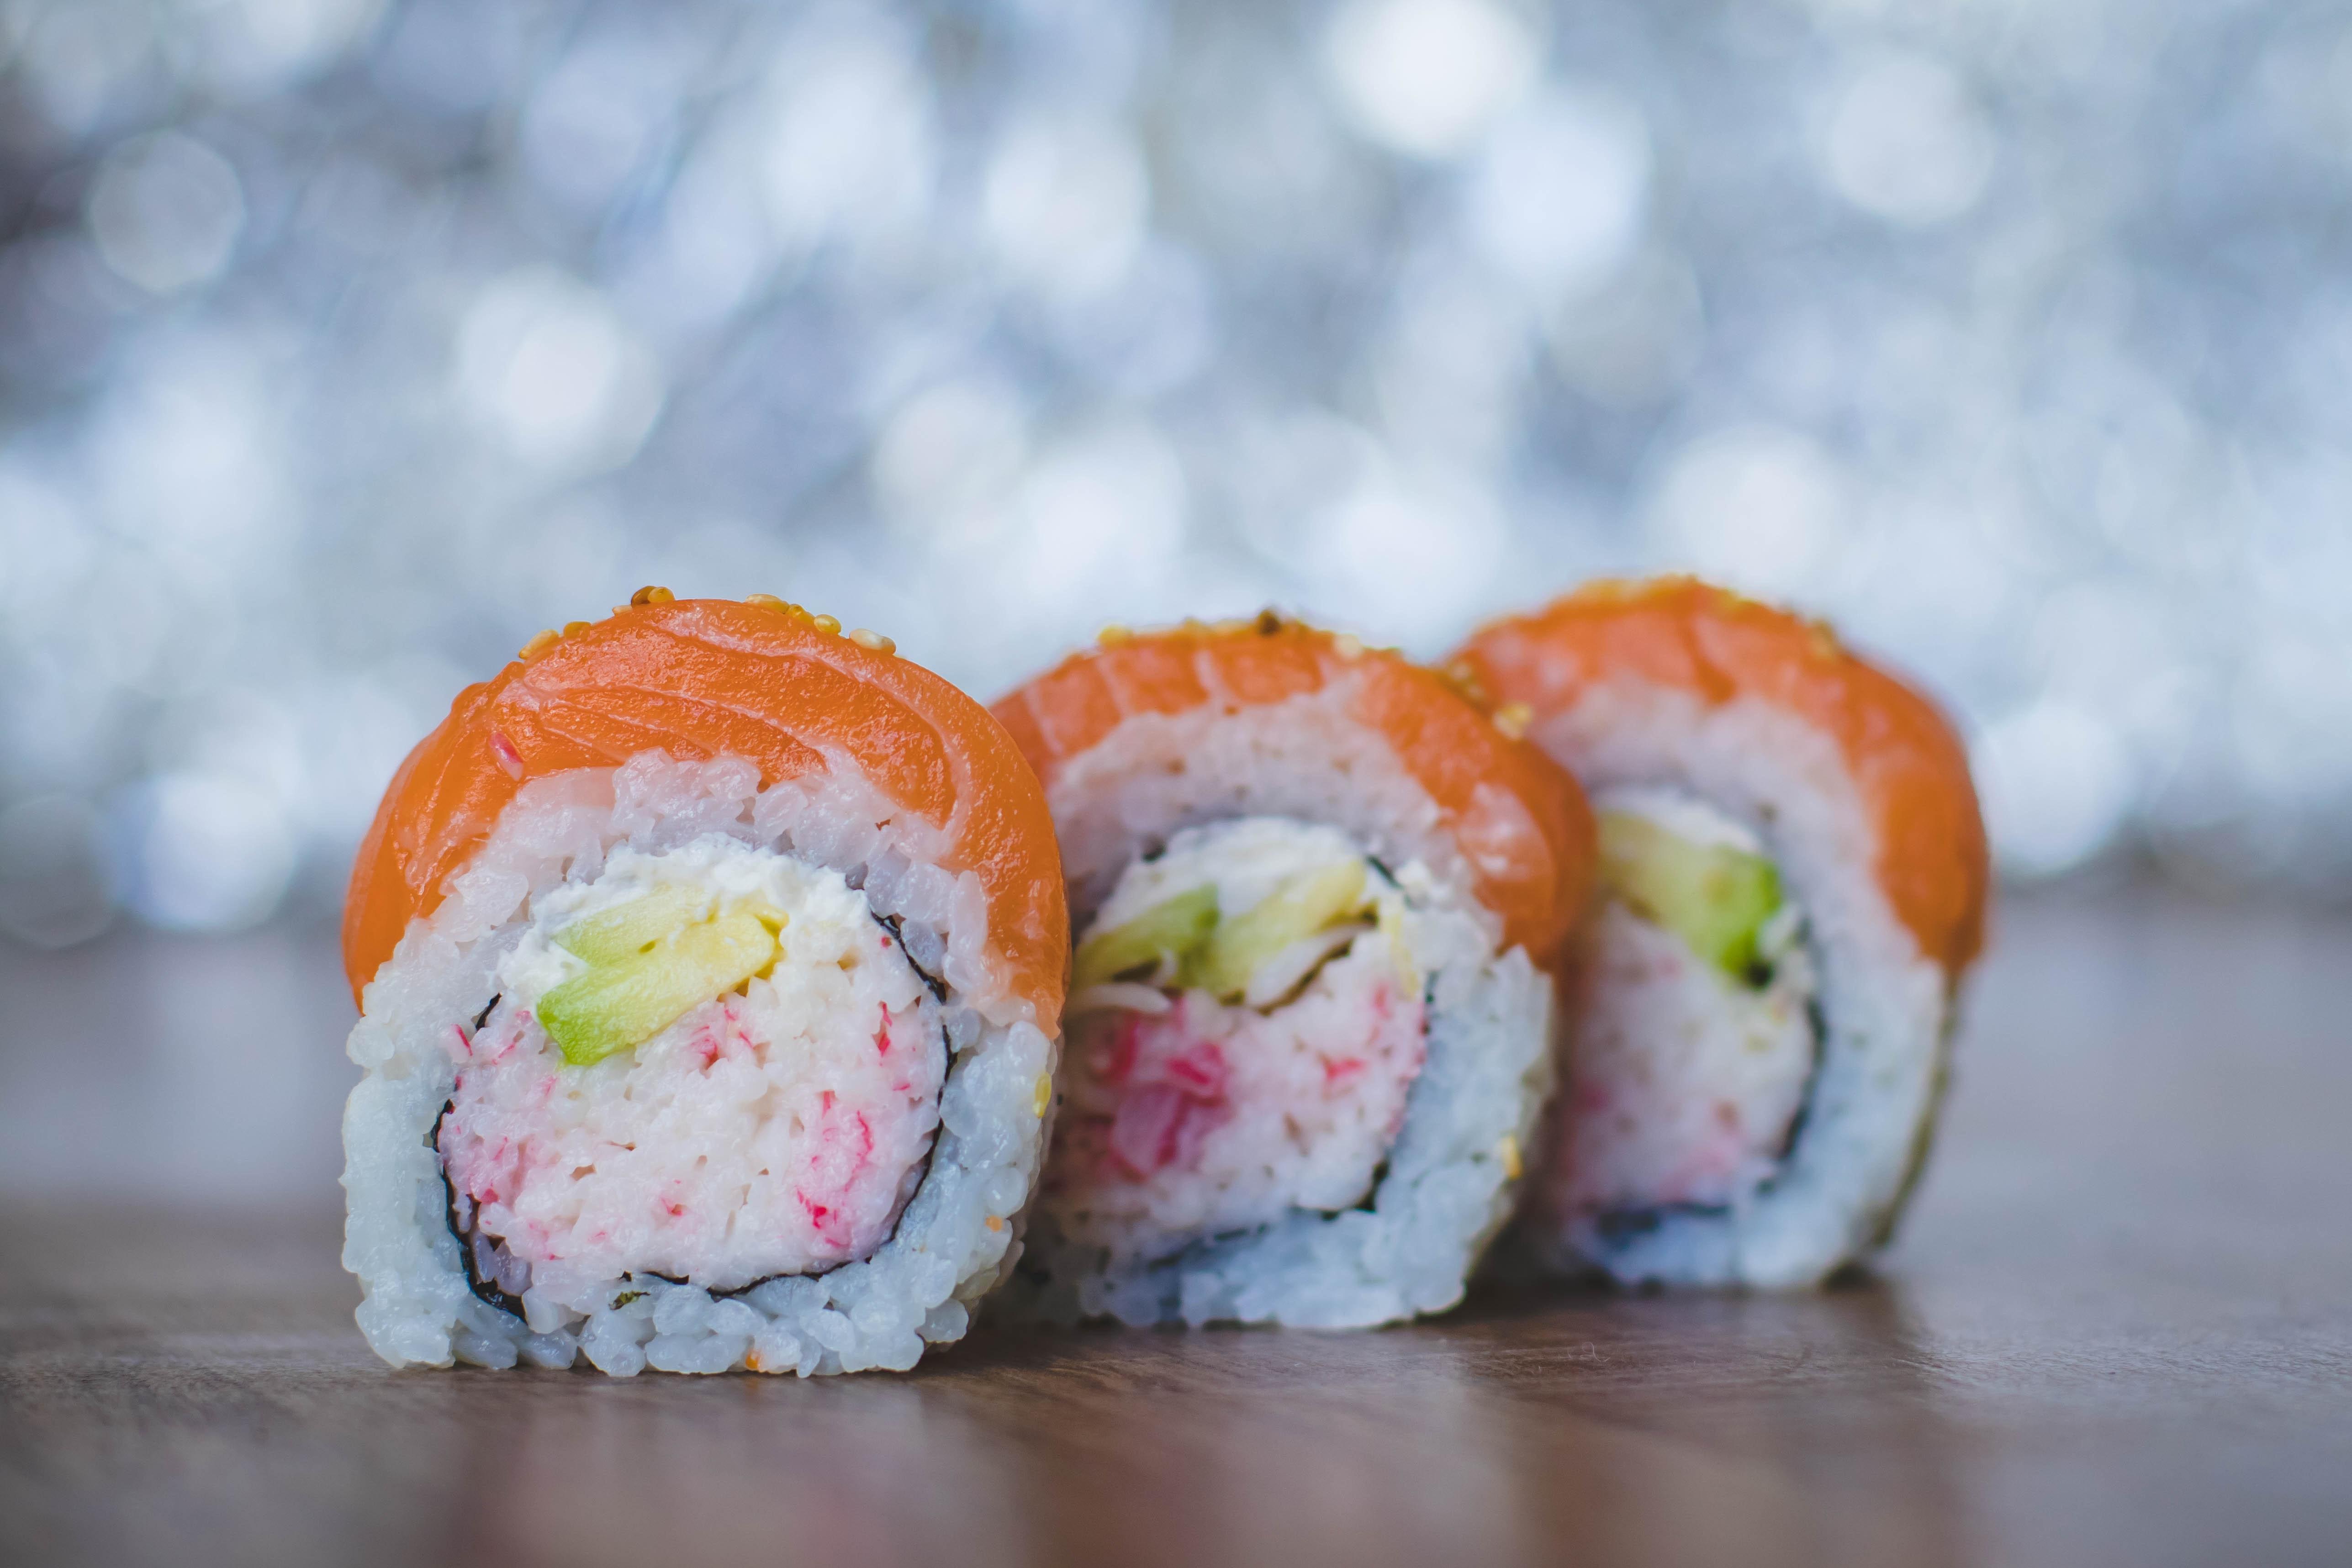 Przepyszne sushi z łososiem w trzech kawałkach